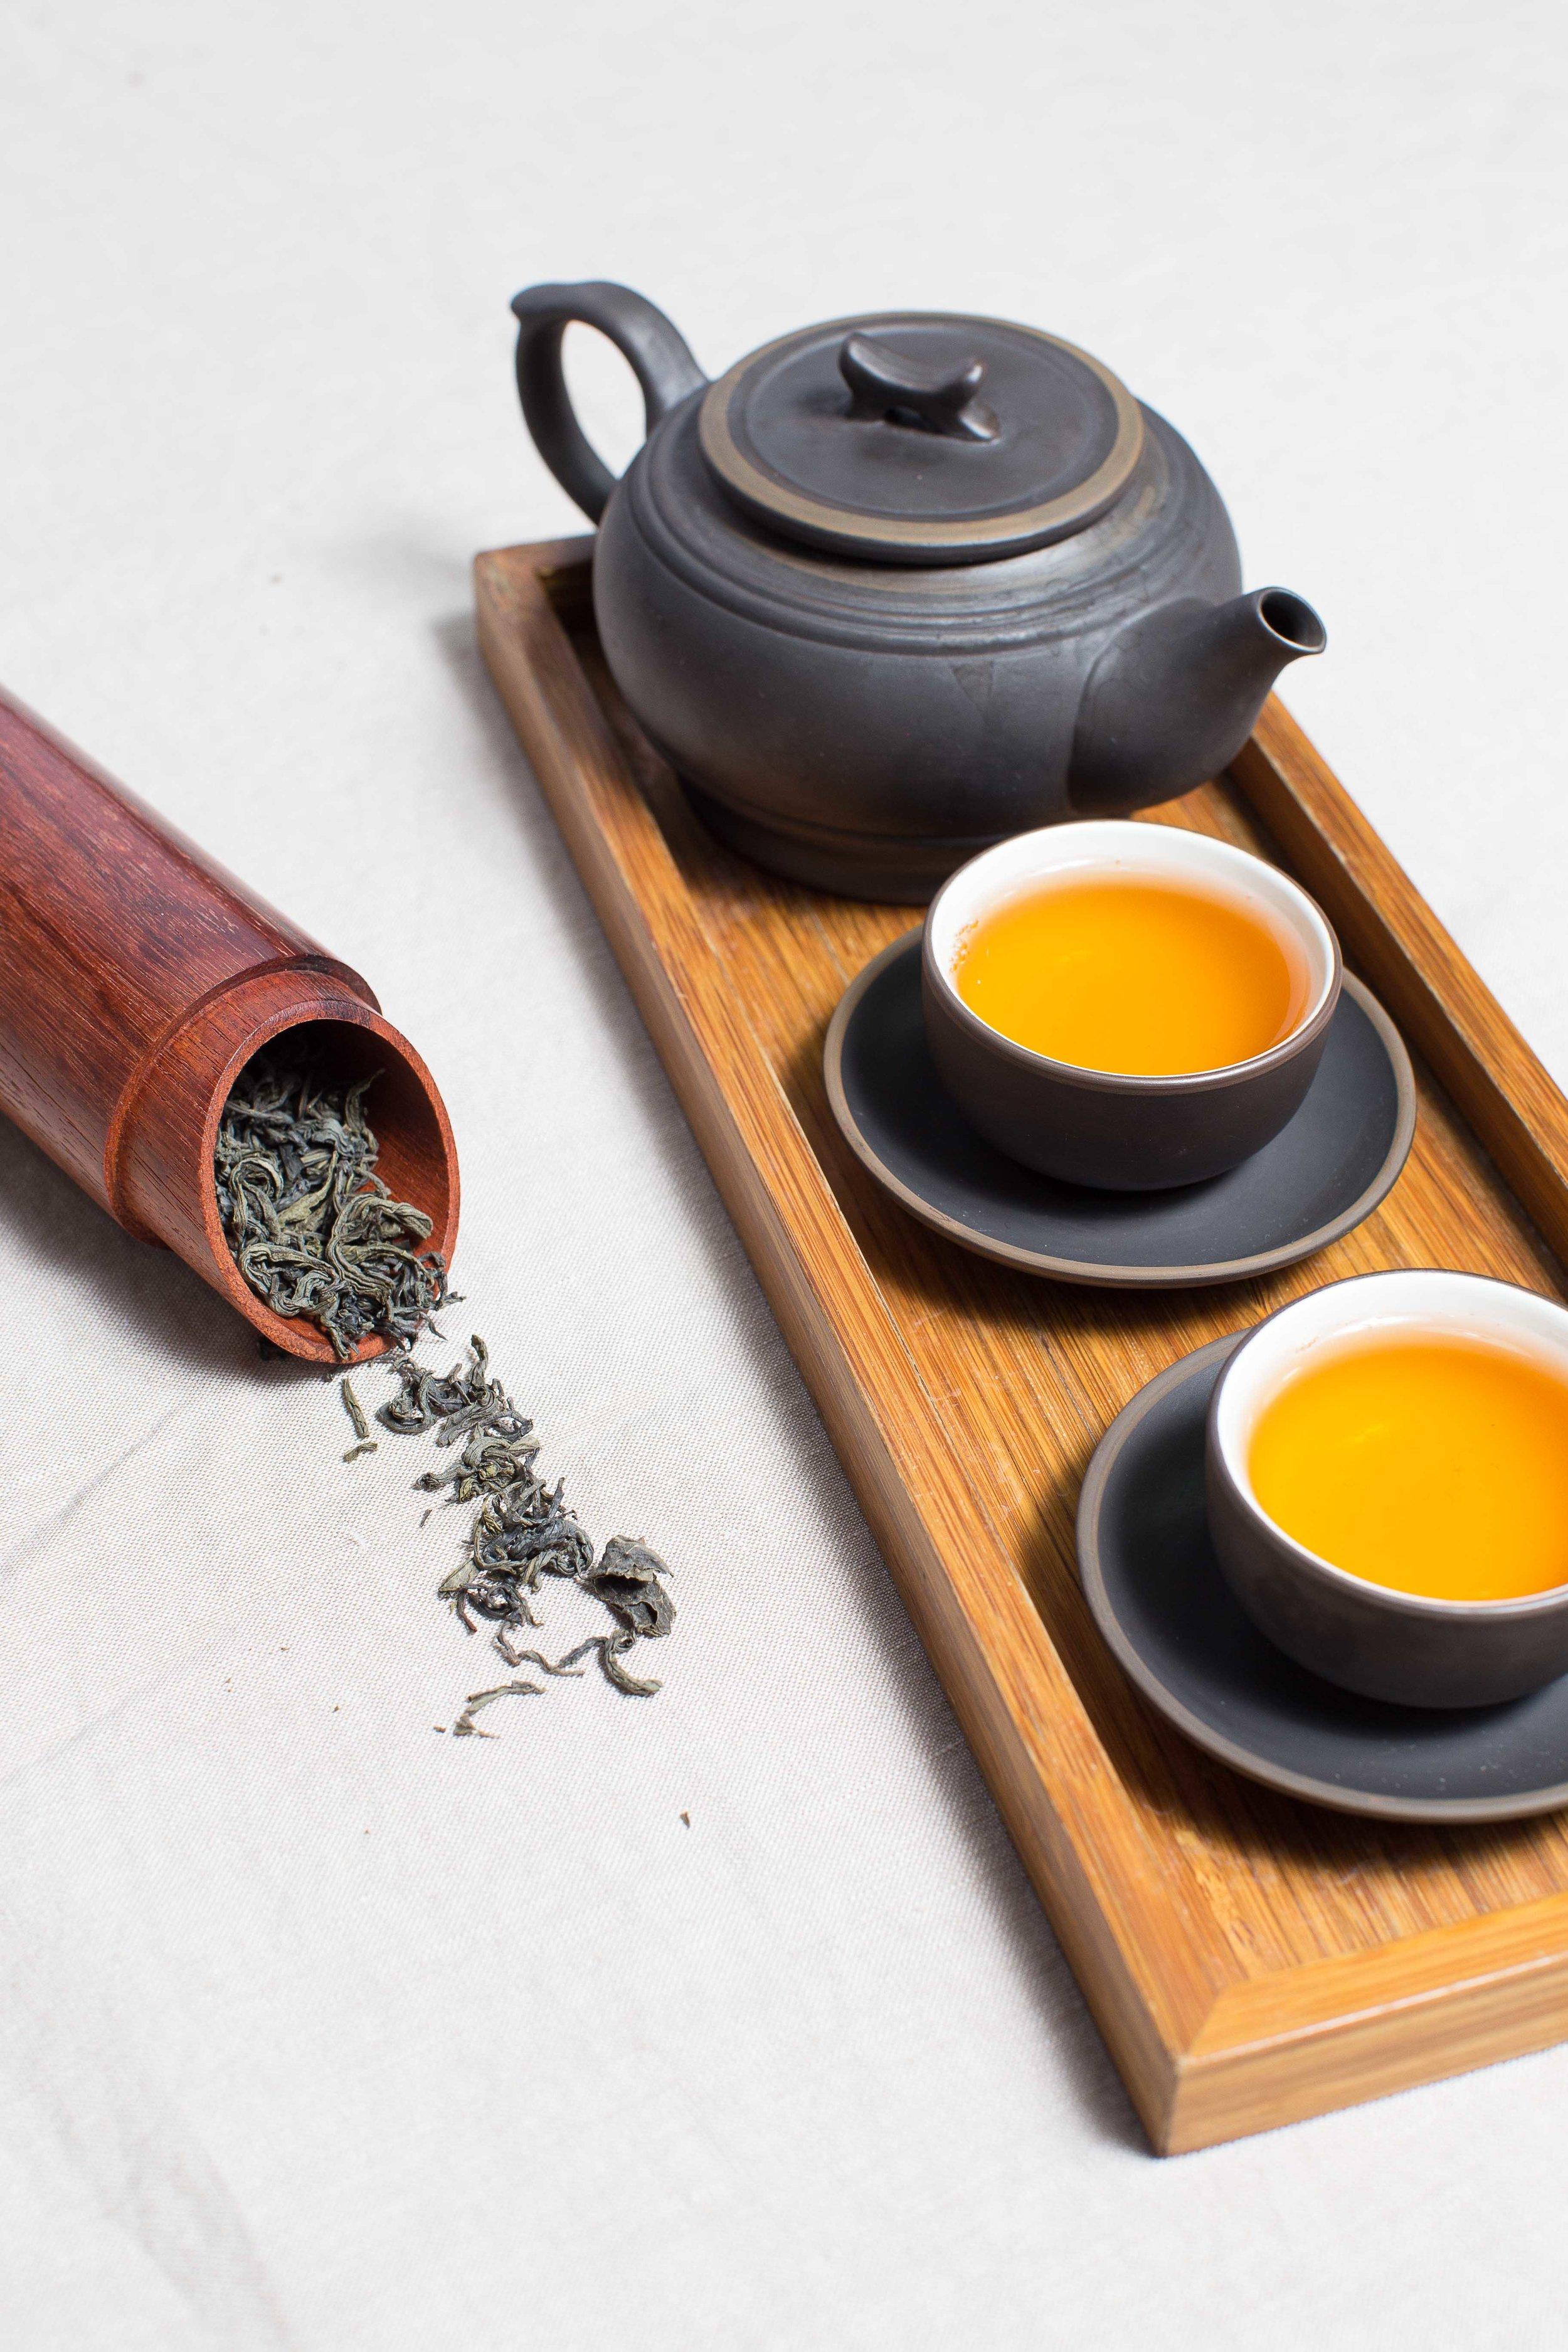 Gyokuro - objevte pátou chuť v čaji - nejdražší zelený čaj ručně sbíraný v Japonsku. -